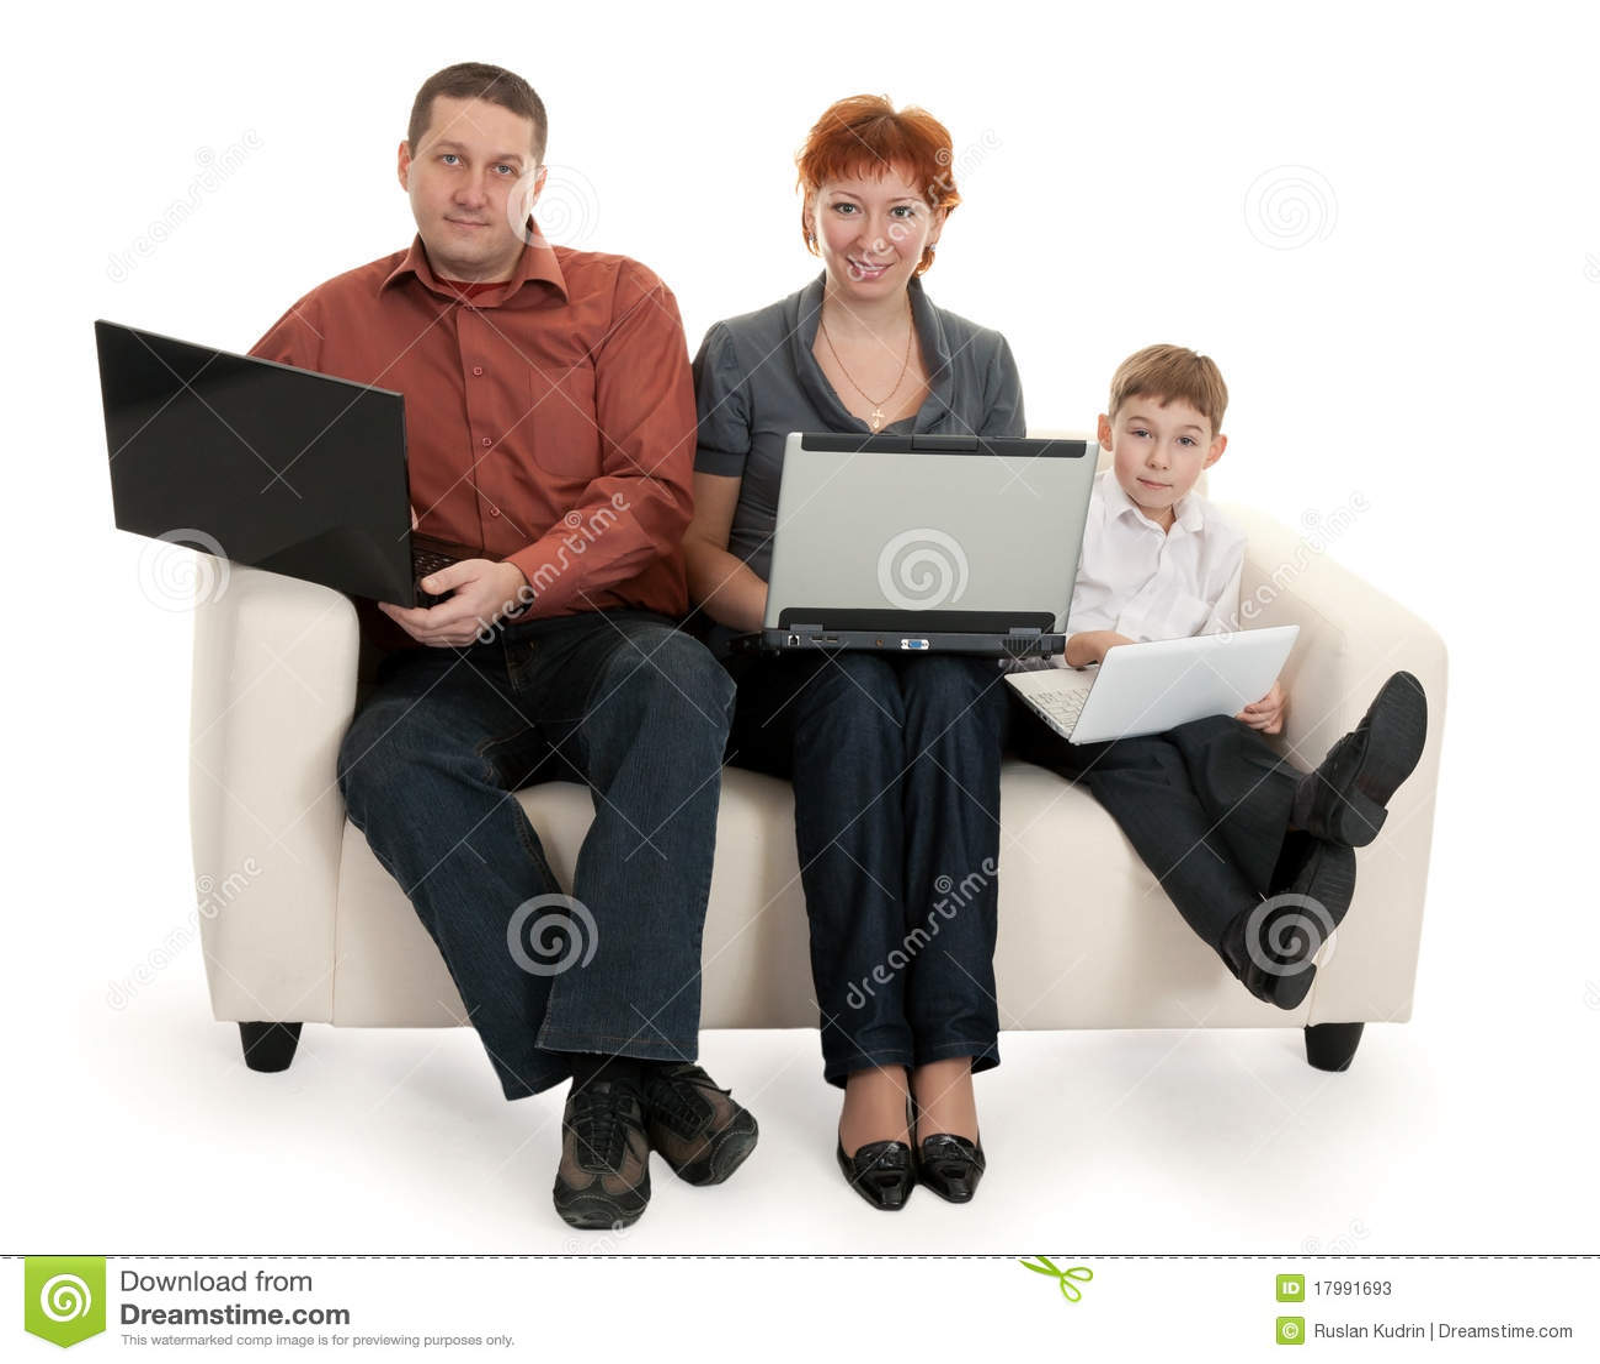 Сын с мамой на диване 20 фотография